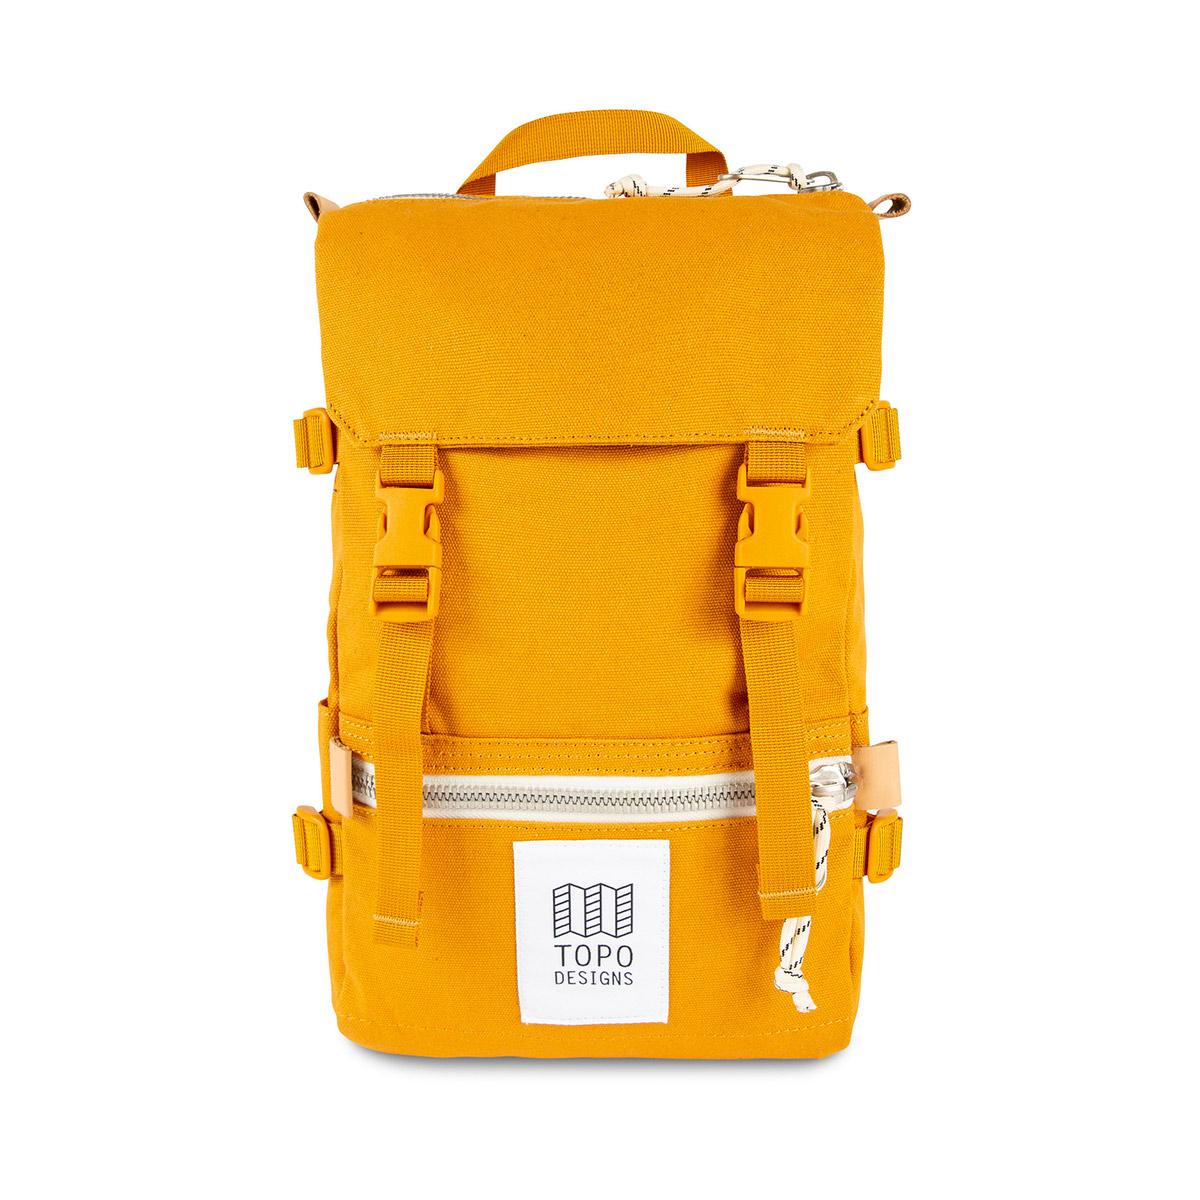 Topo Designs Rover Pack - Mini Canvas Yellow, statement-makende rugtas met de perfecte maat om boodschappen mee te doen of mee te nemen tijdens een wandeling